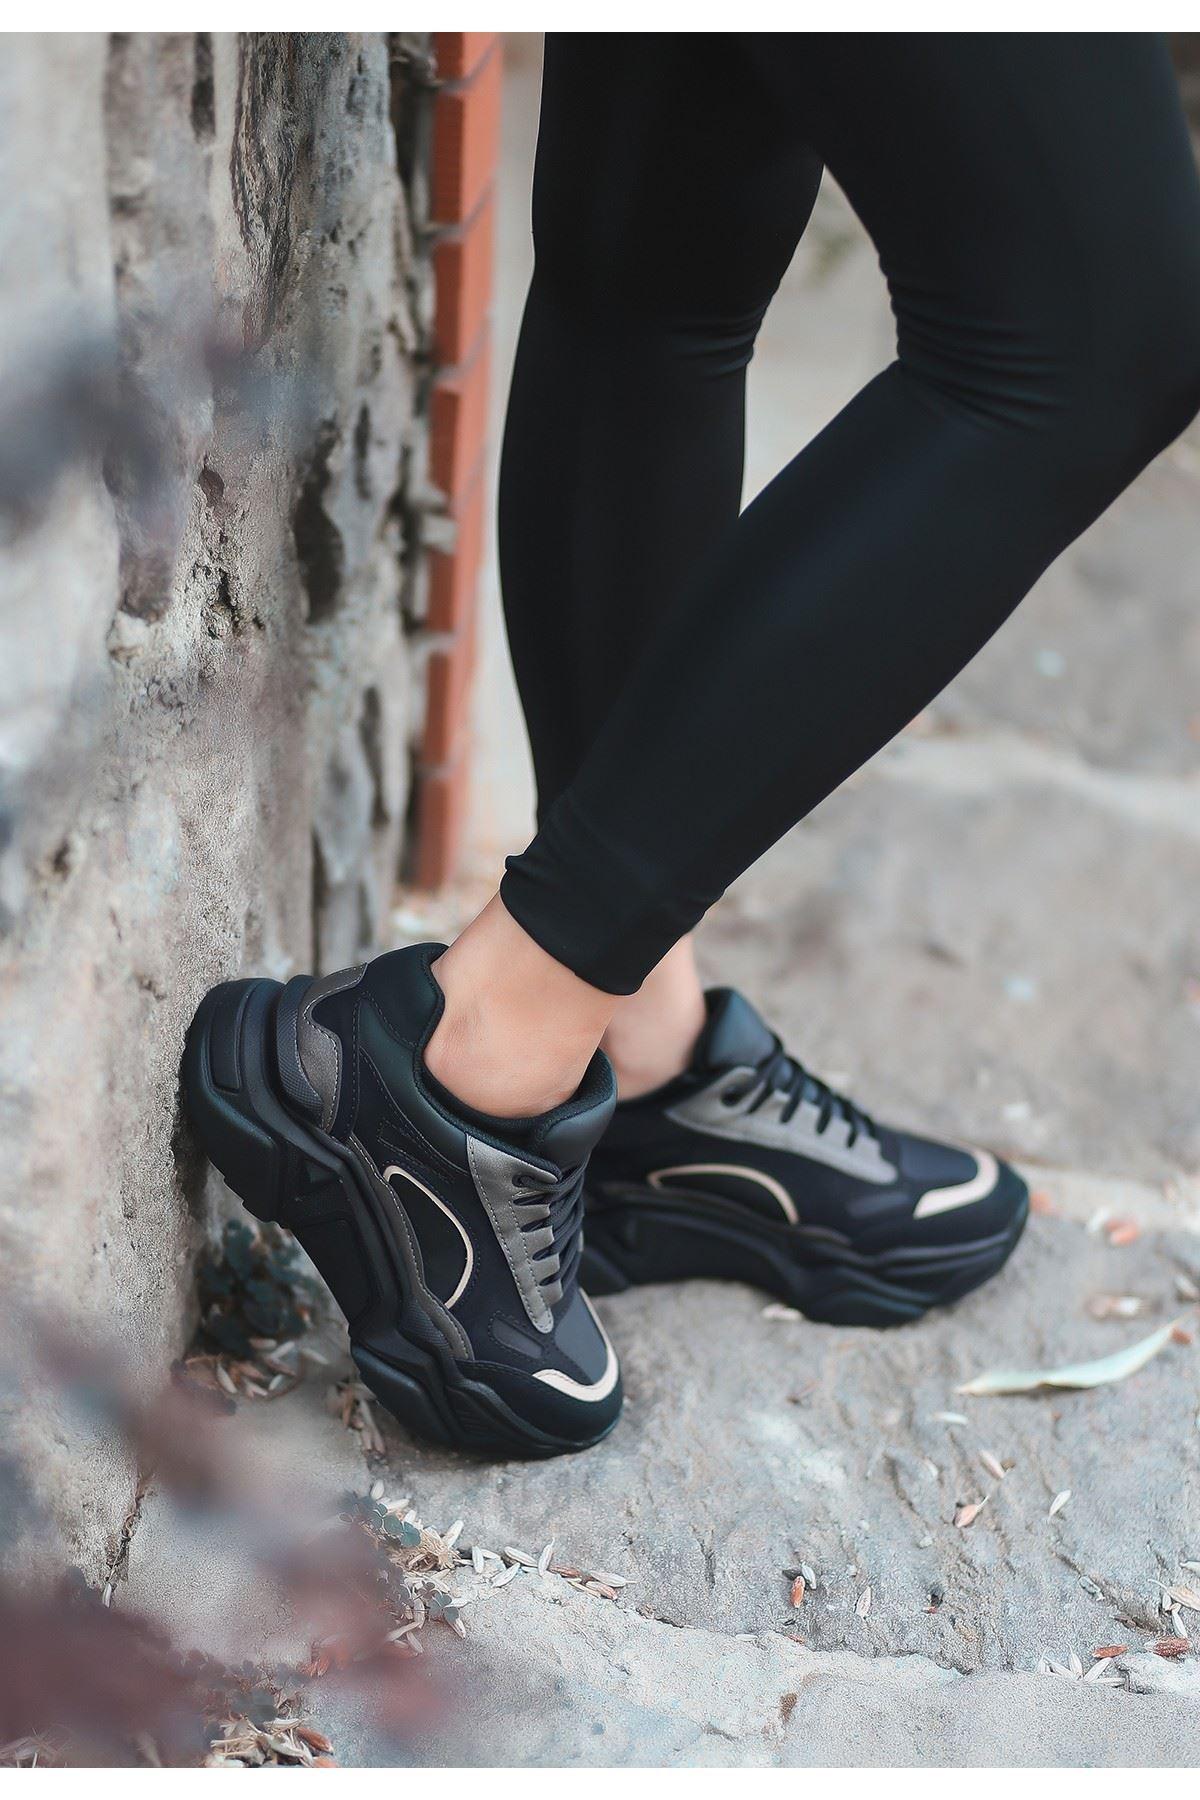 Zend Siyah Nubuk Platin Detaylı Spor Ayakkabı